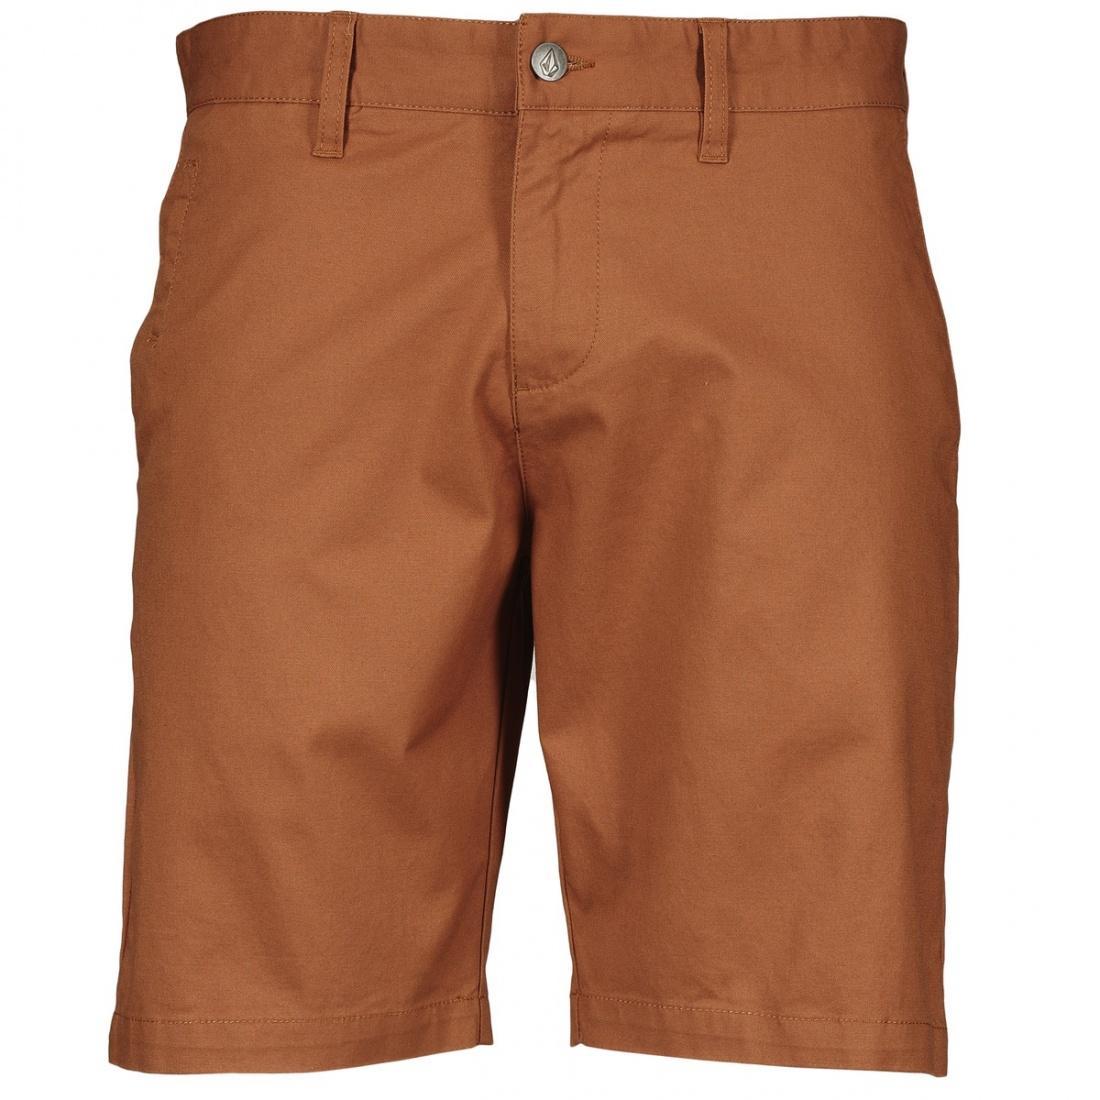 Шорты Volcom Frickin Tight Chino купить в Boardshop №1